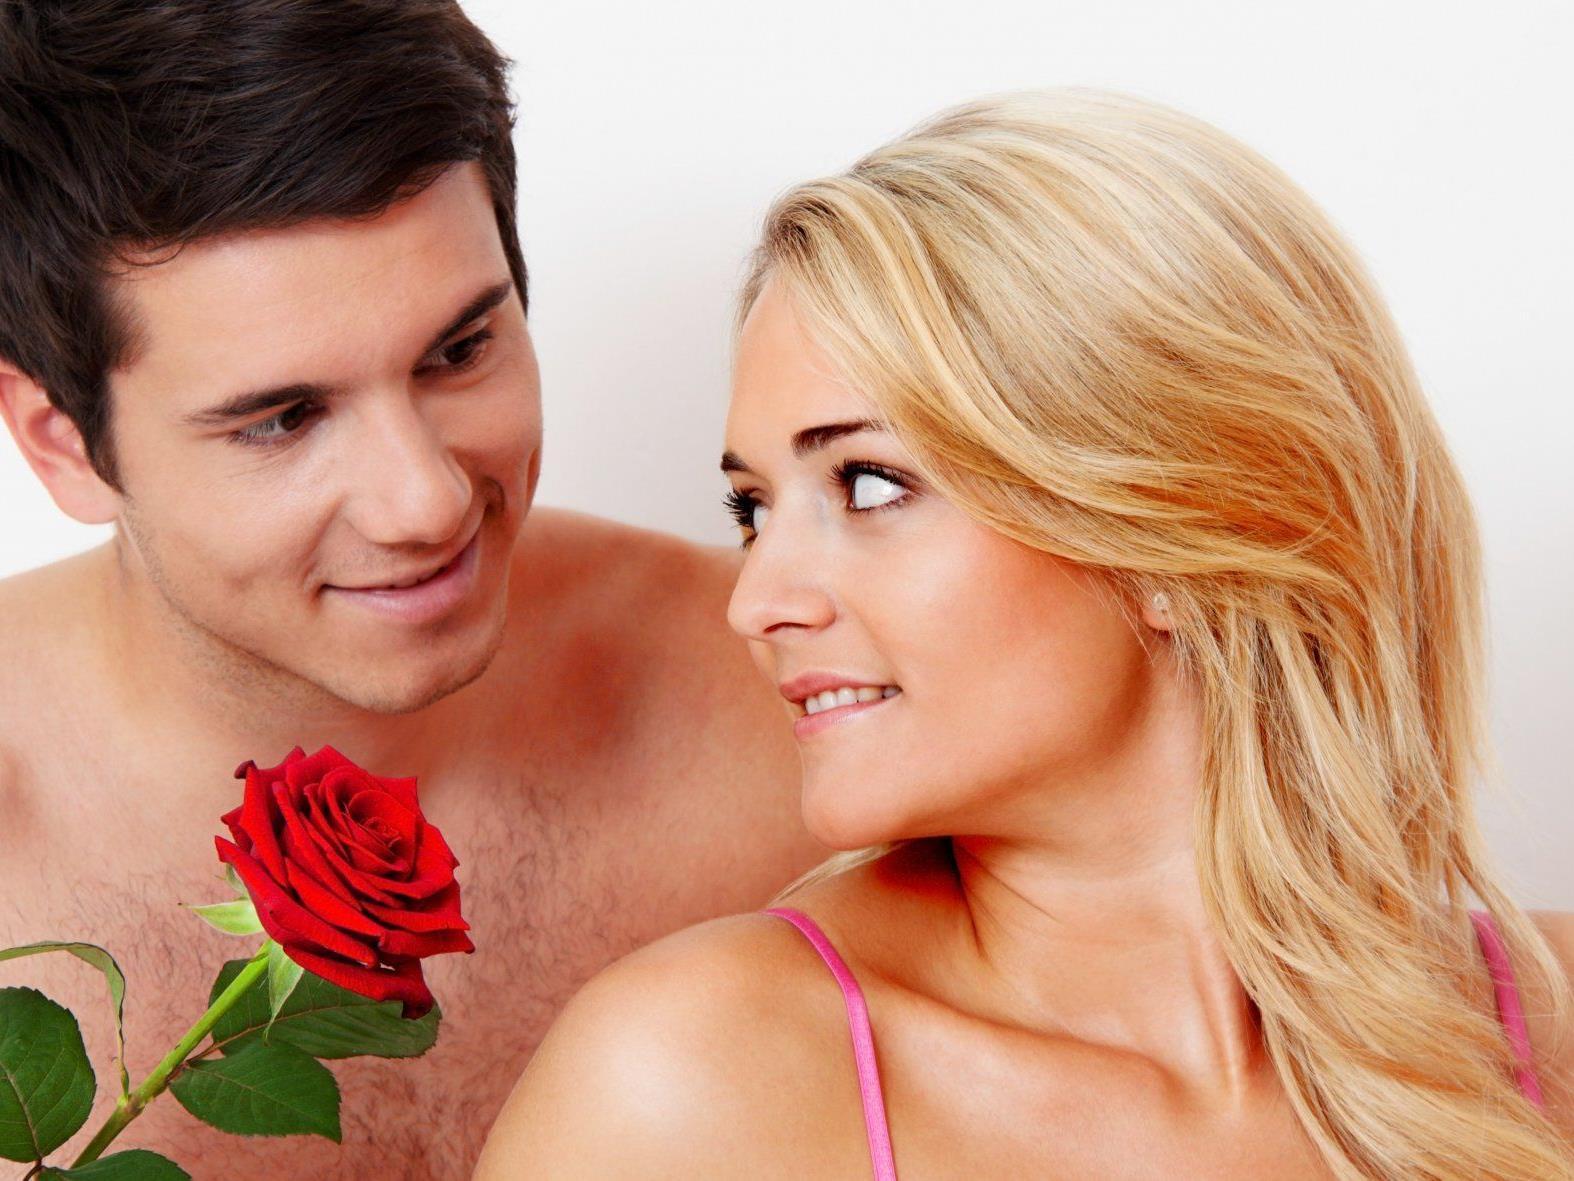 In Österreich feiern immerhin 82 Prozent der Pärchen den Valentinstag am 14. Februar.